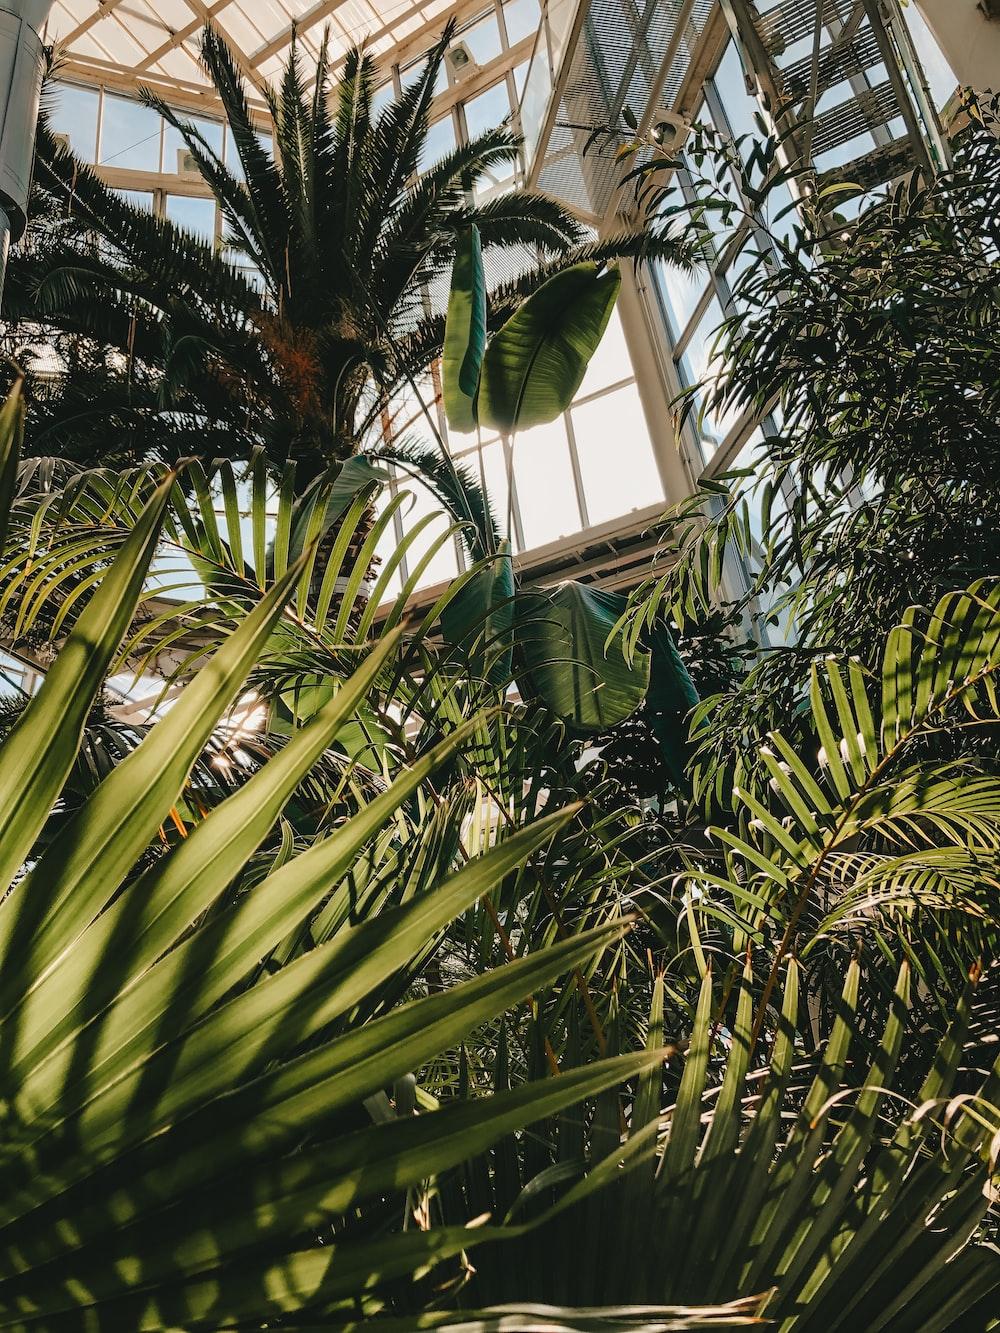 green banana tree near window